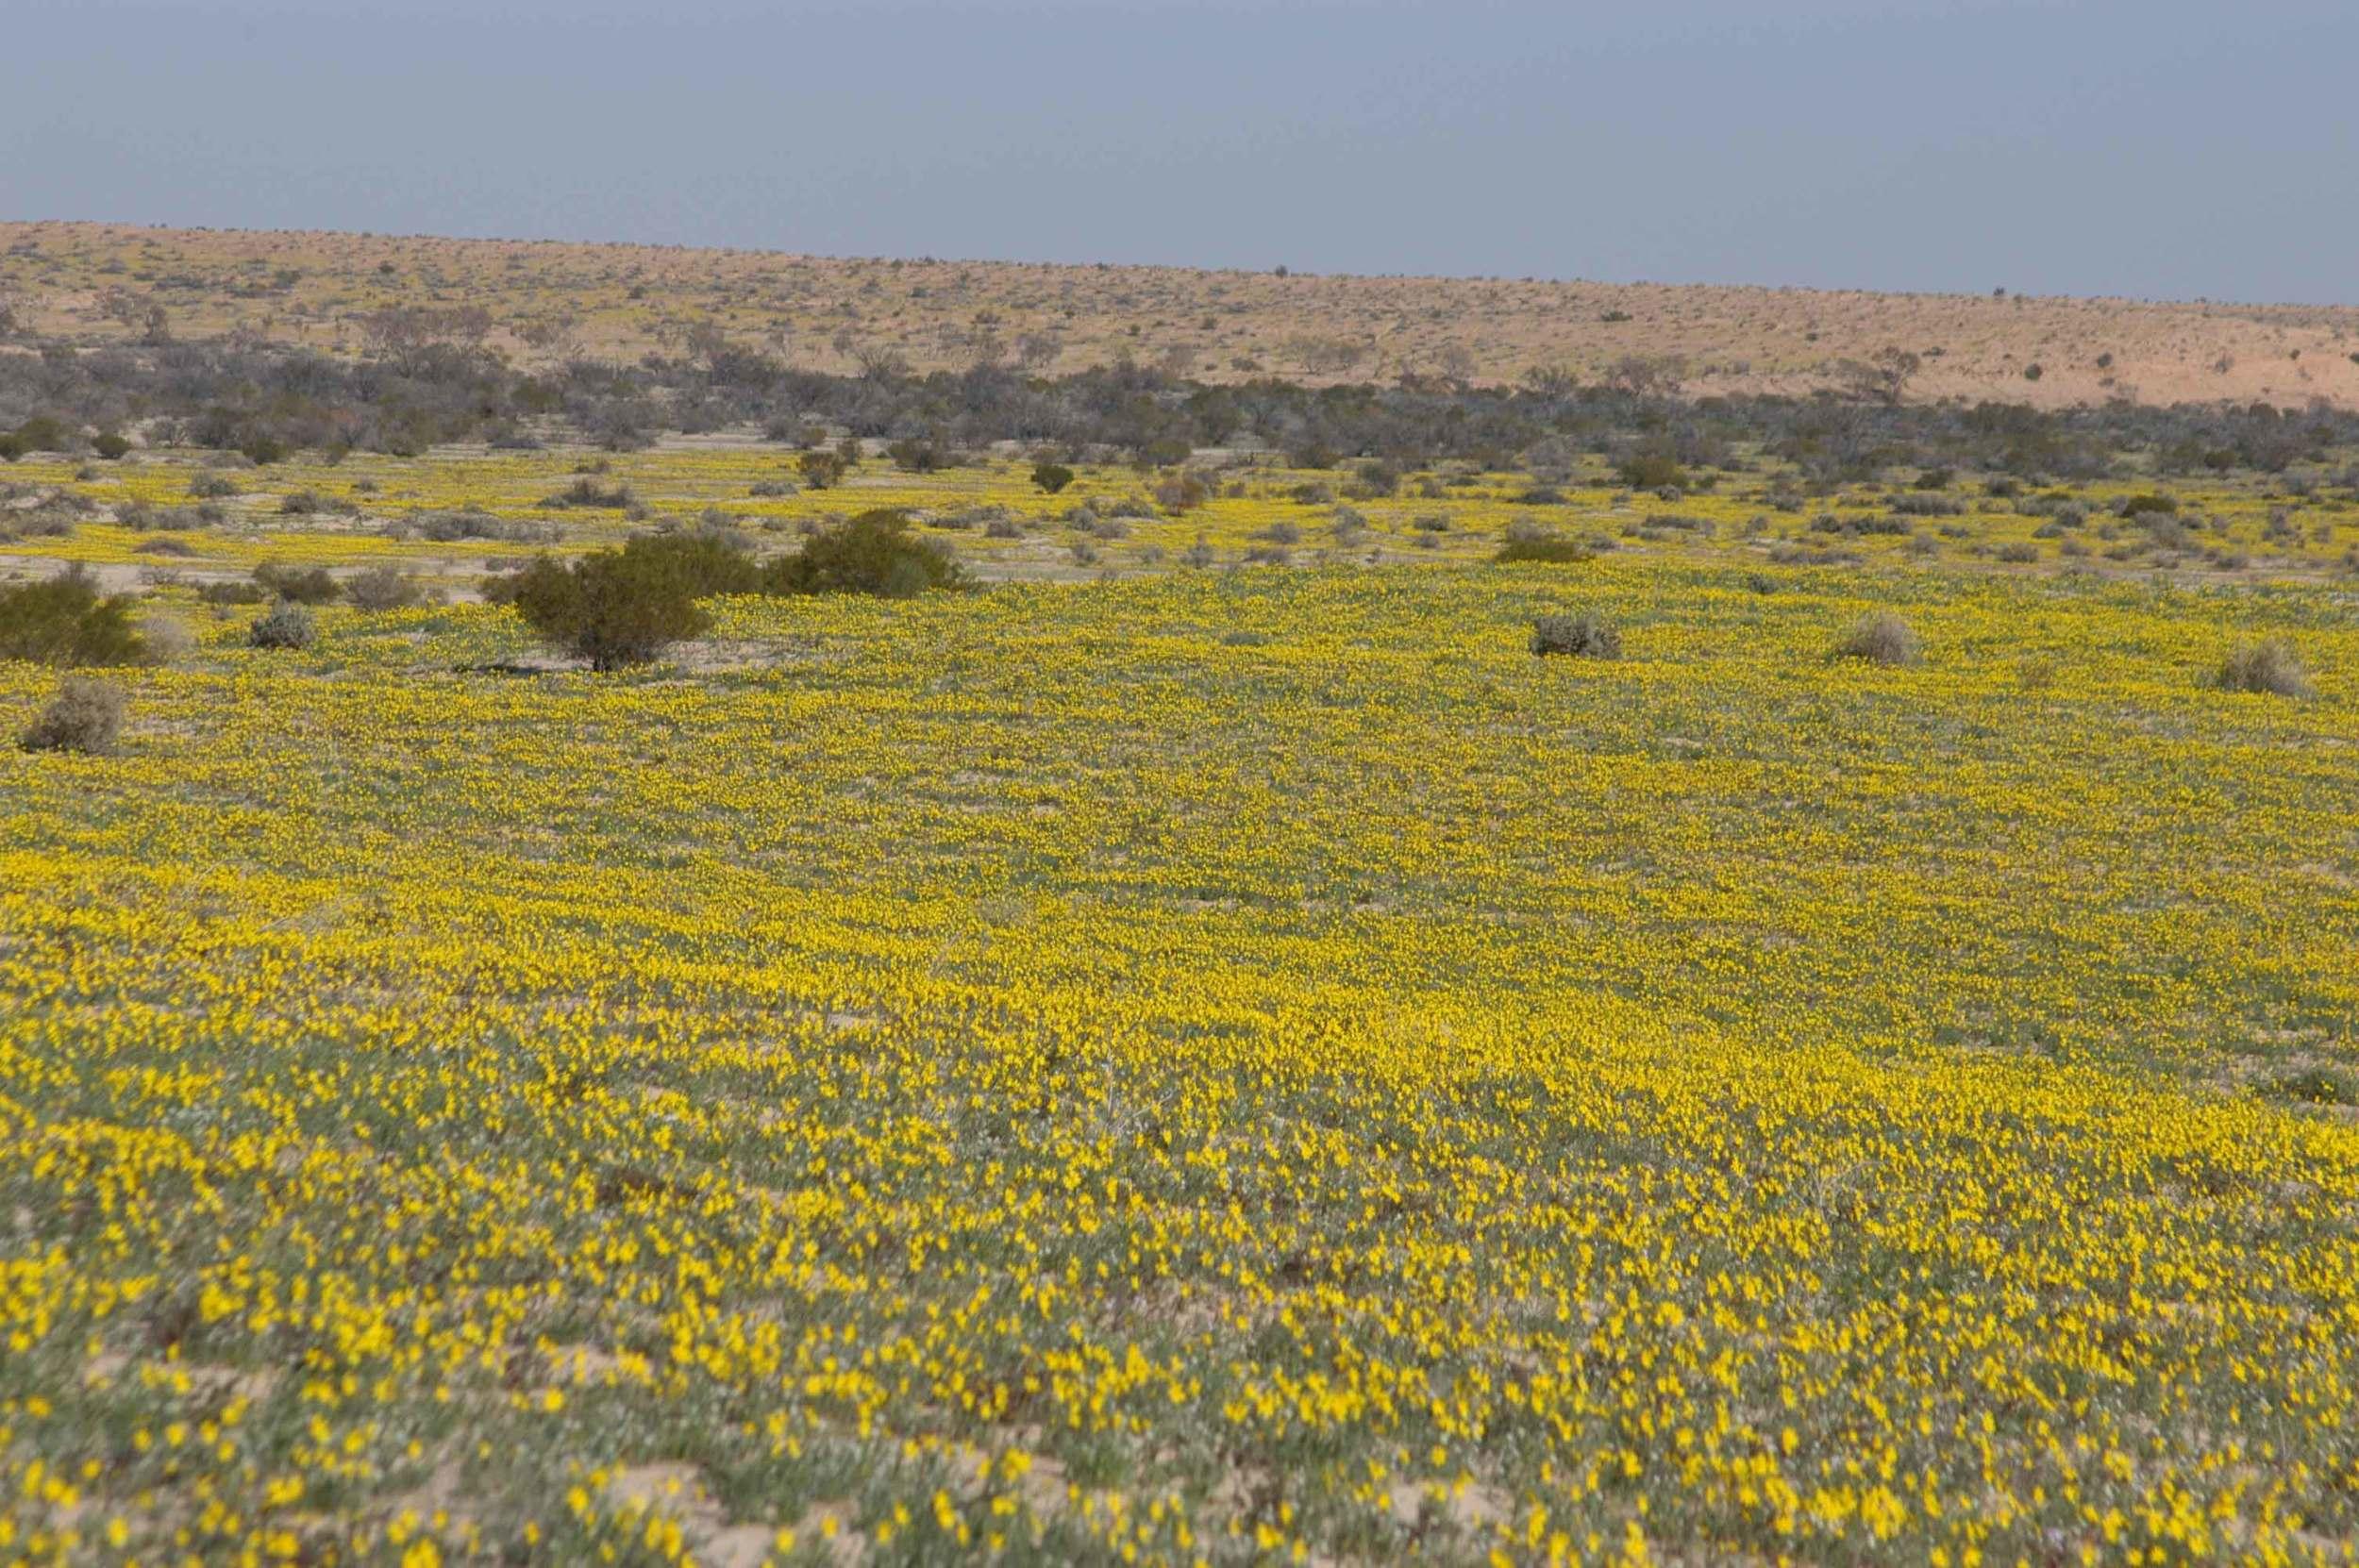 The yellow desert, 2007.